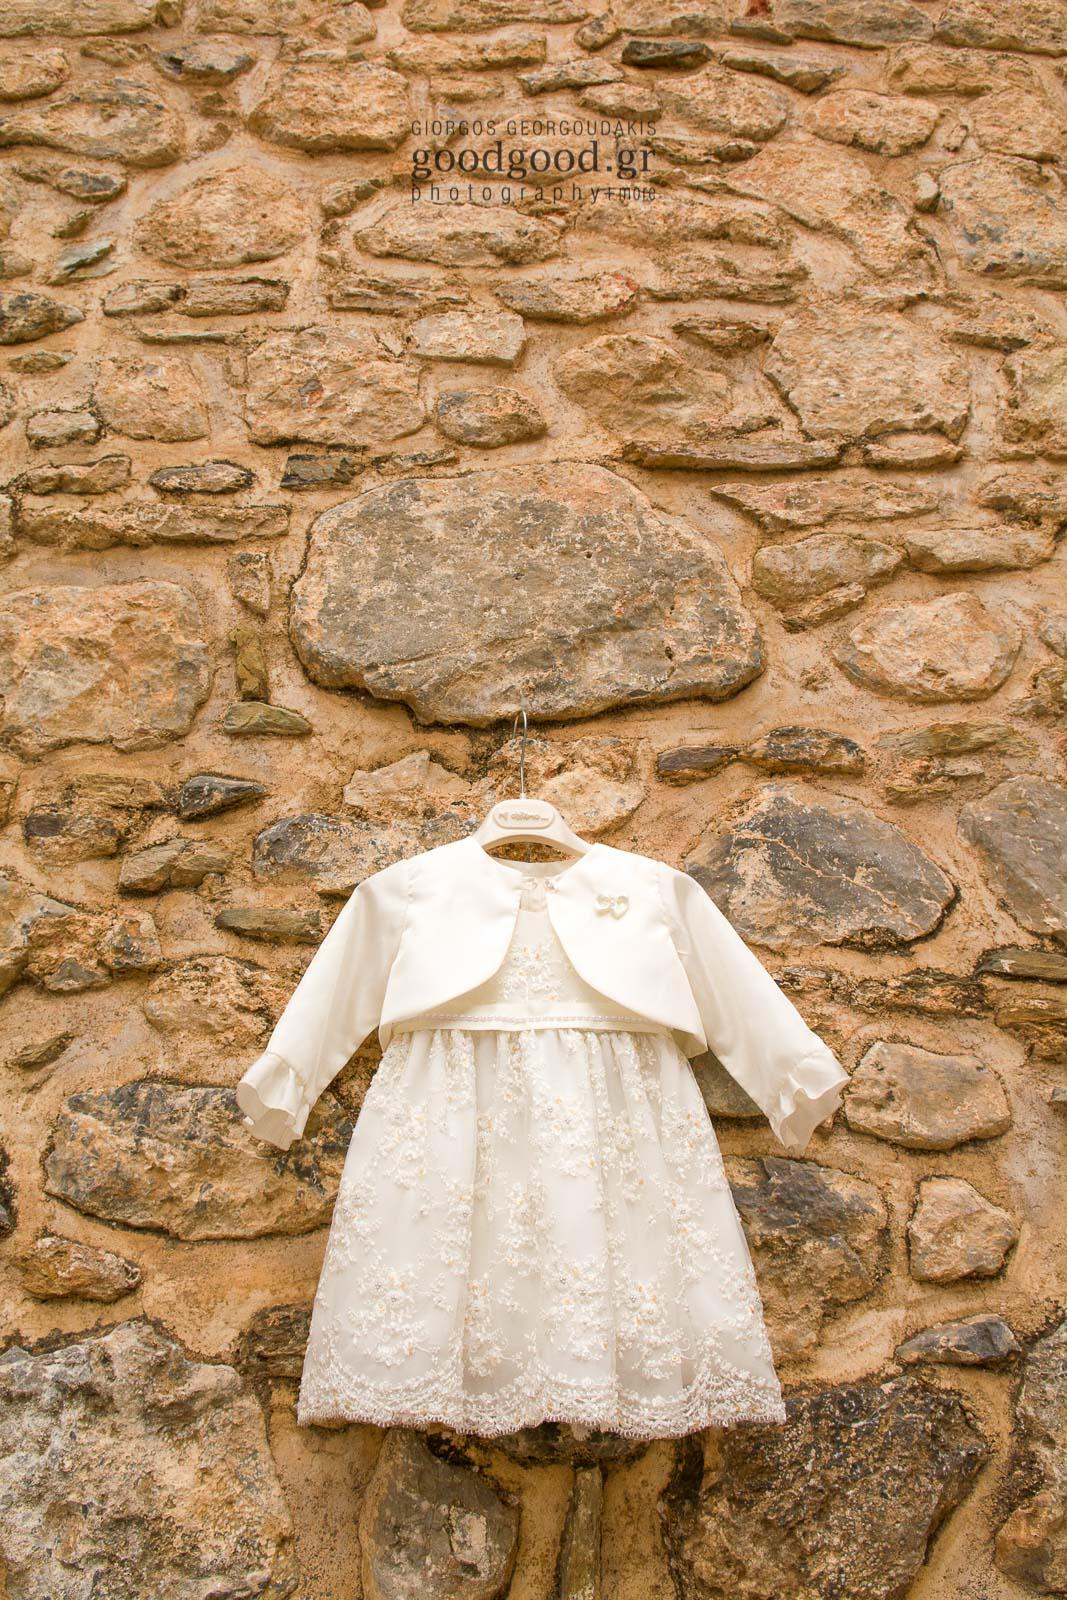 Φόρεμα βάπτισης κρεμασμένο επάνω σε πέτρινο τοίχο